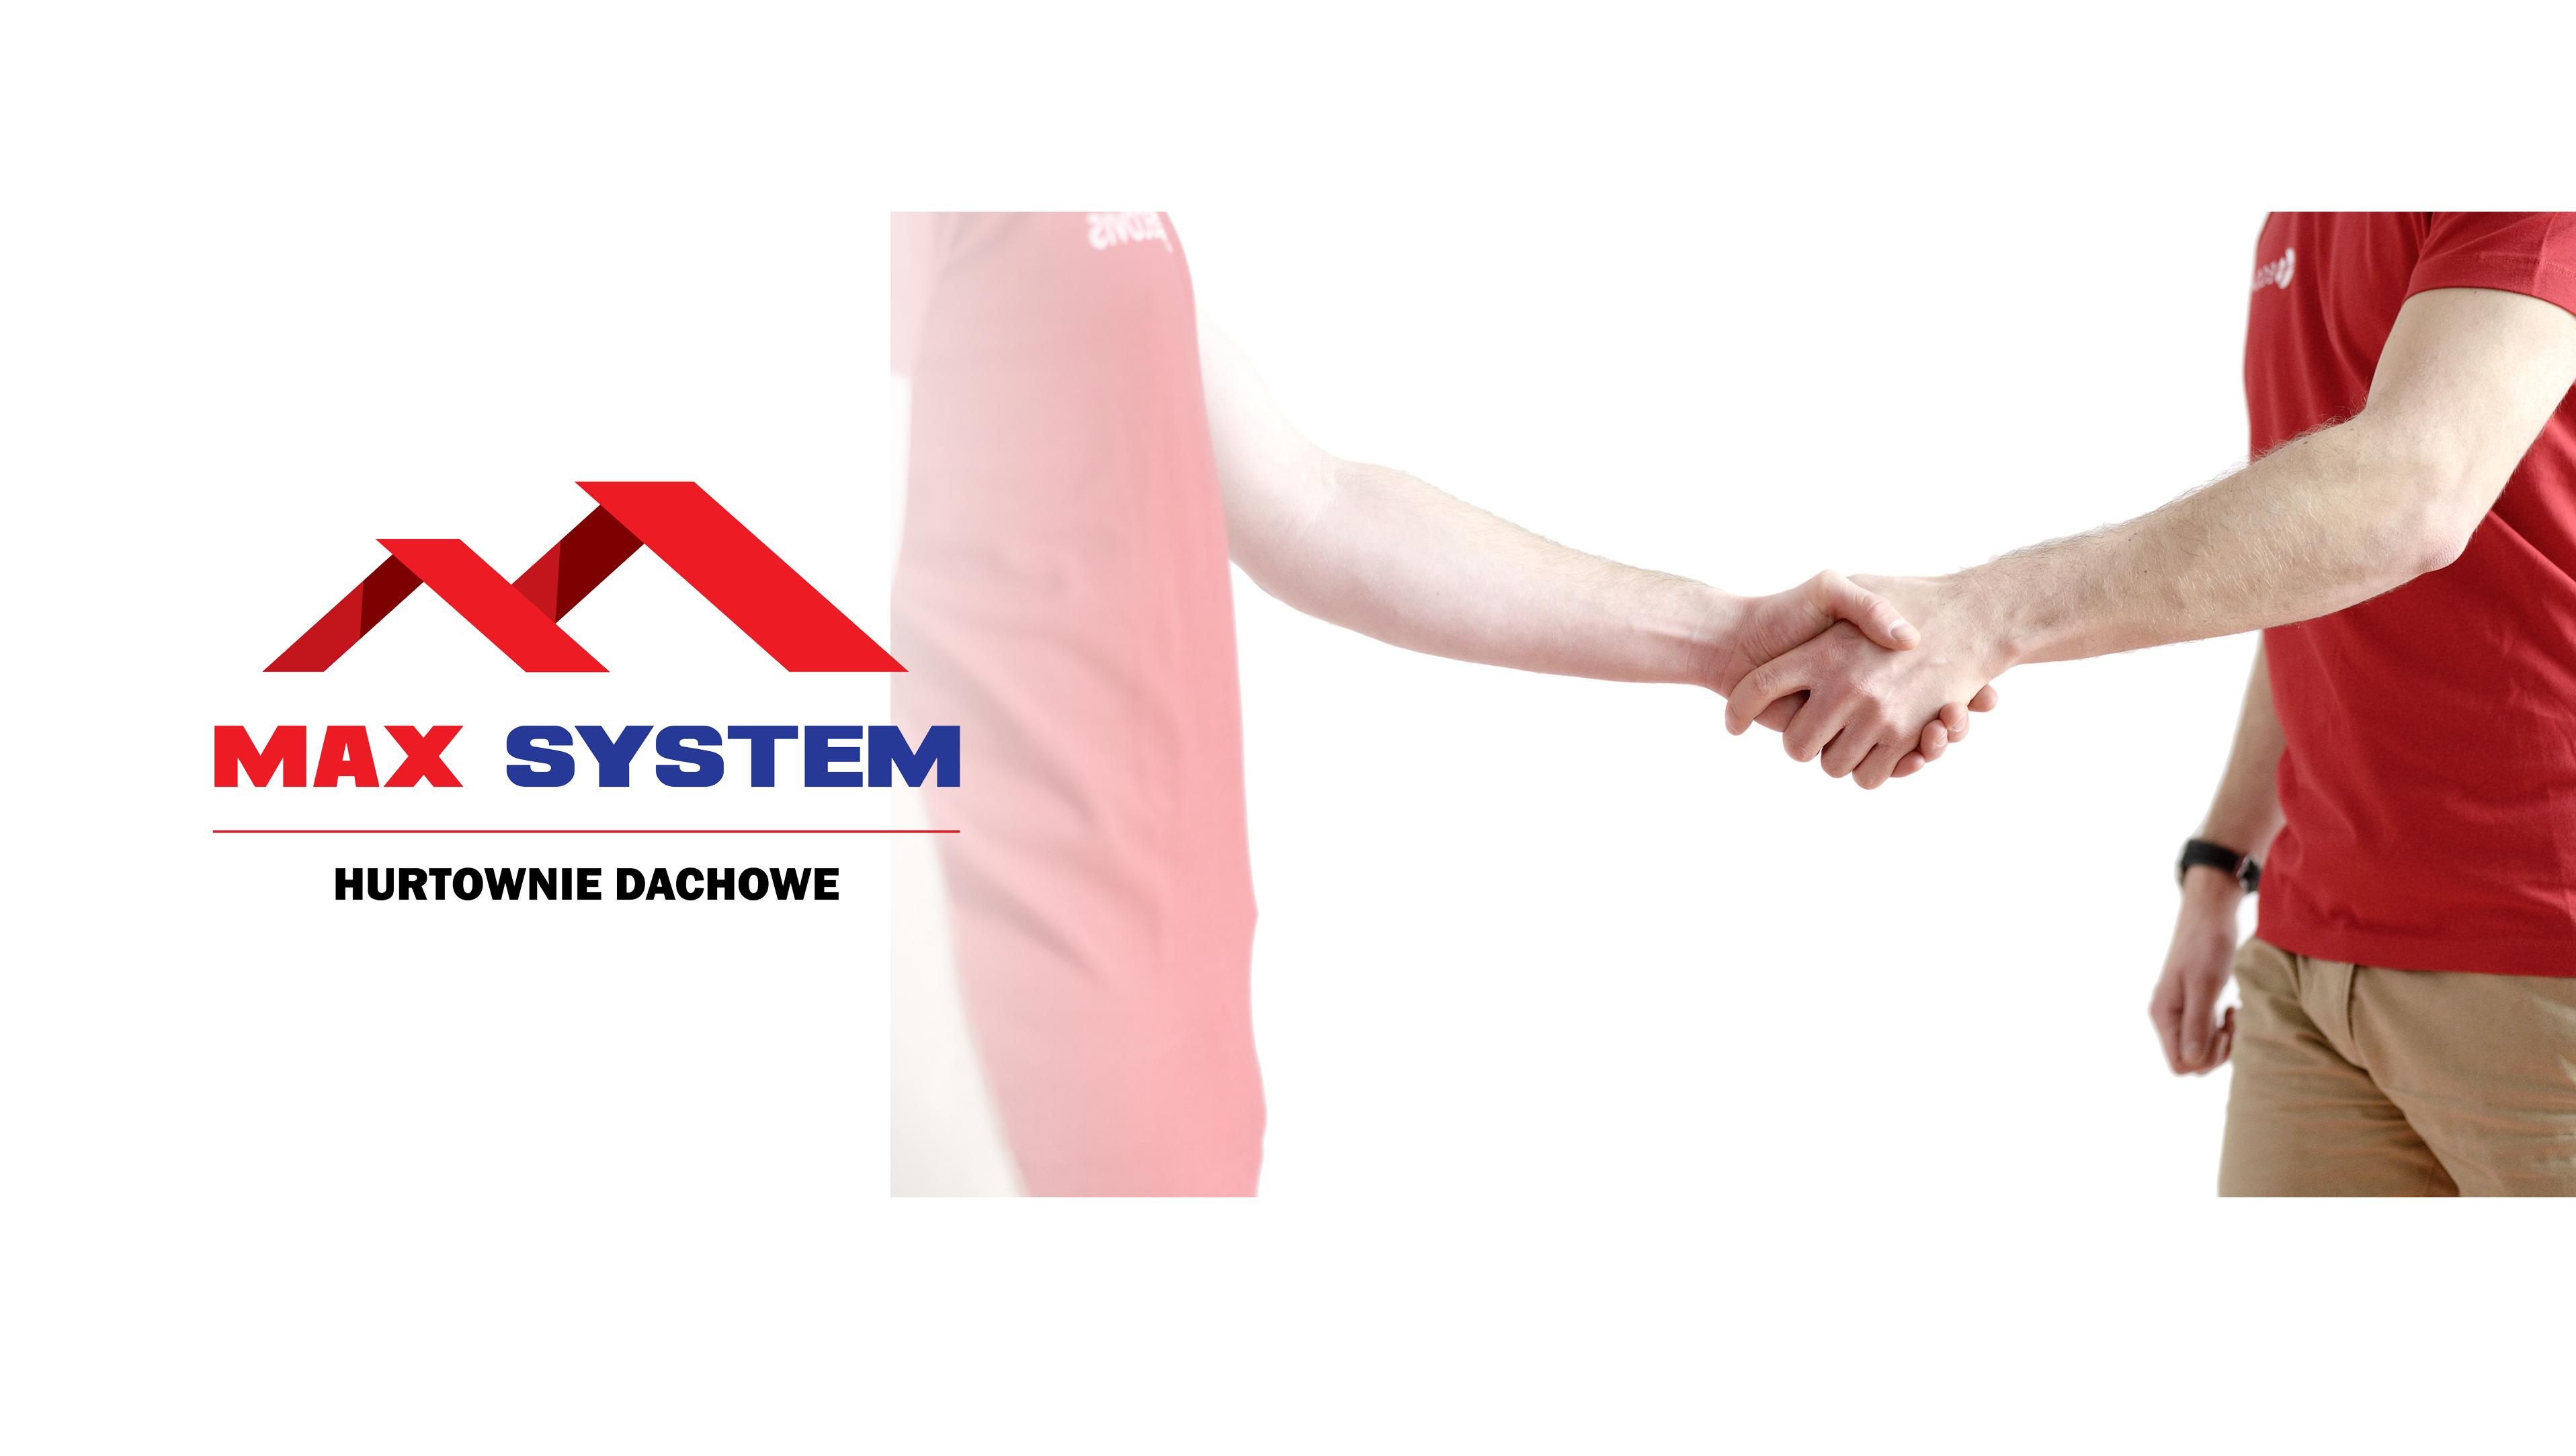 Max System hurtownie dachowe